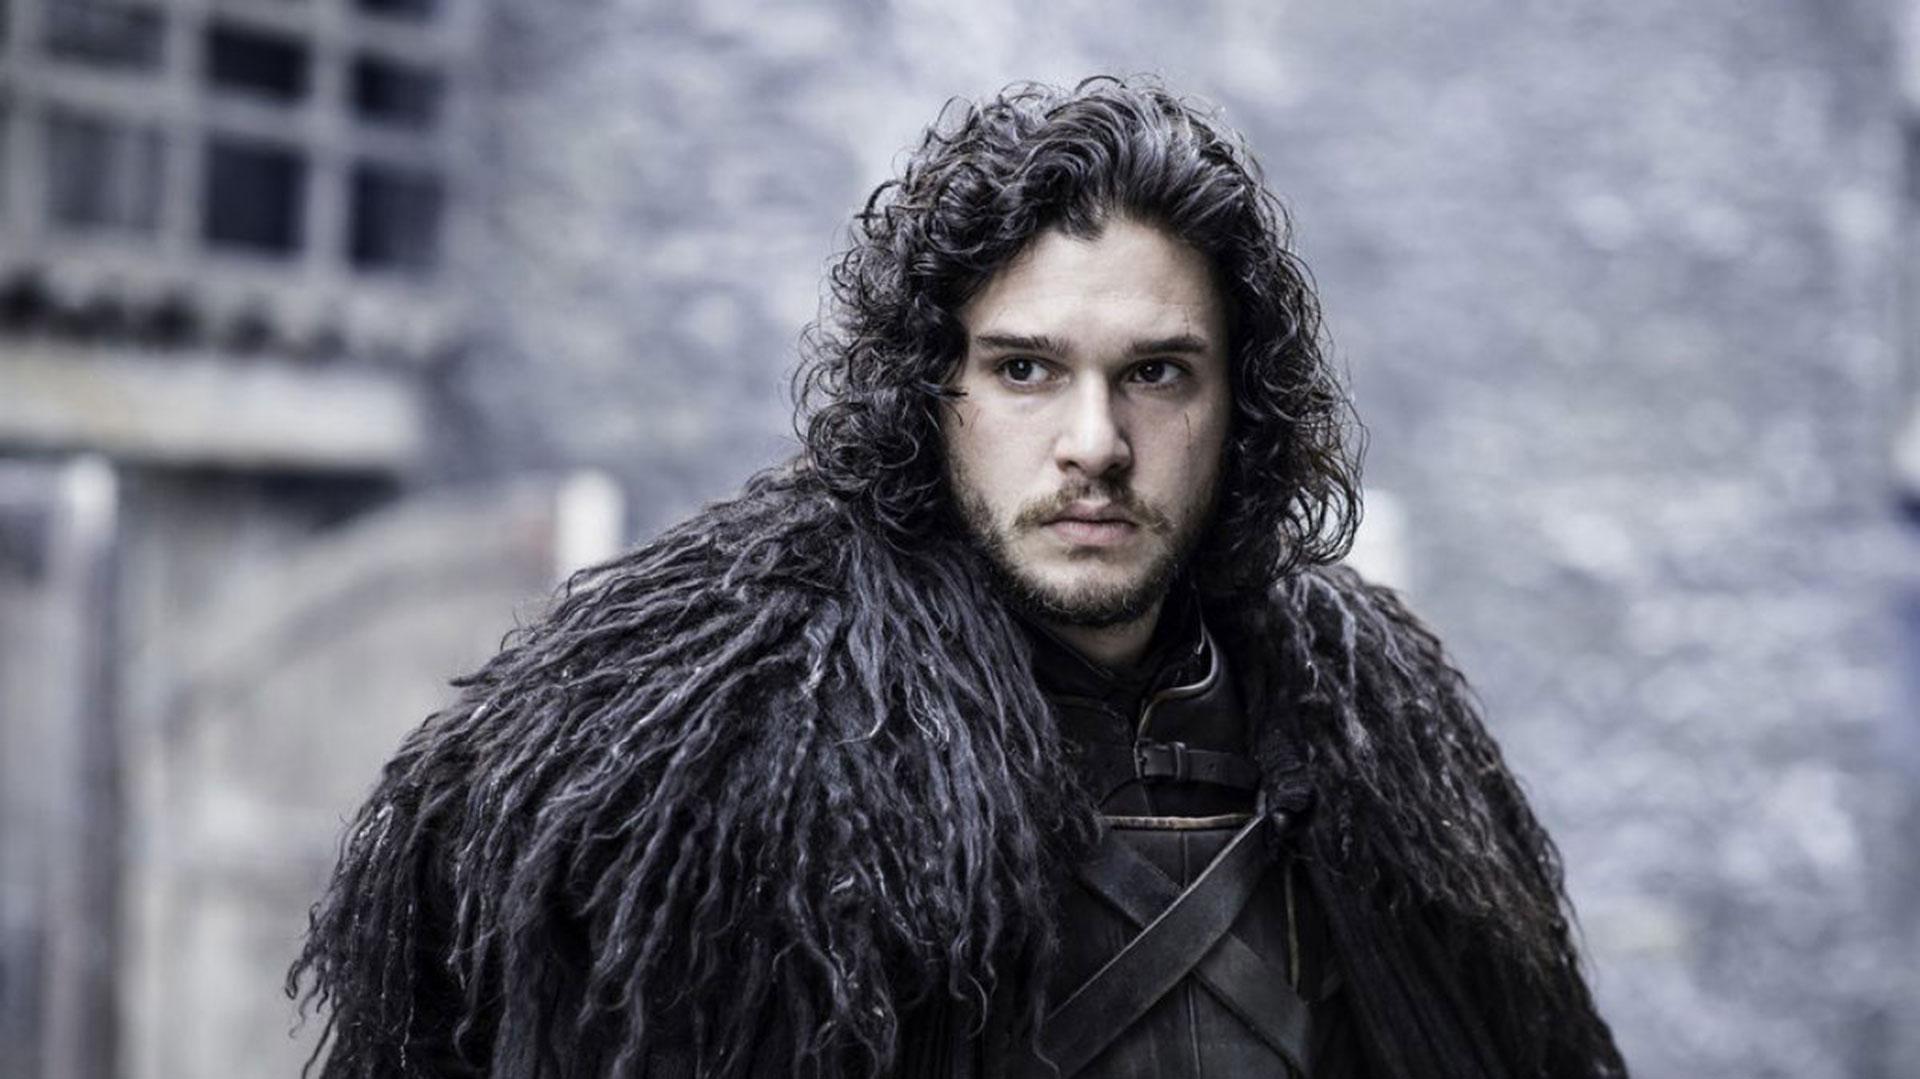 Como parte de la Guardia Nocturna, el personaje de Jon Snow tiende a vestirse de negro. Chaquetas con detalles de cuero, gamuza y pelo de lana son algunas de las prendas favoritas que se vieron y llamaron la atención en la última temporada de la serie de HBO